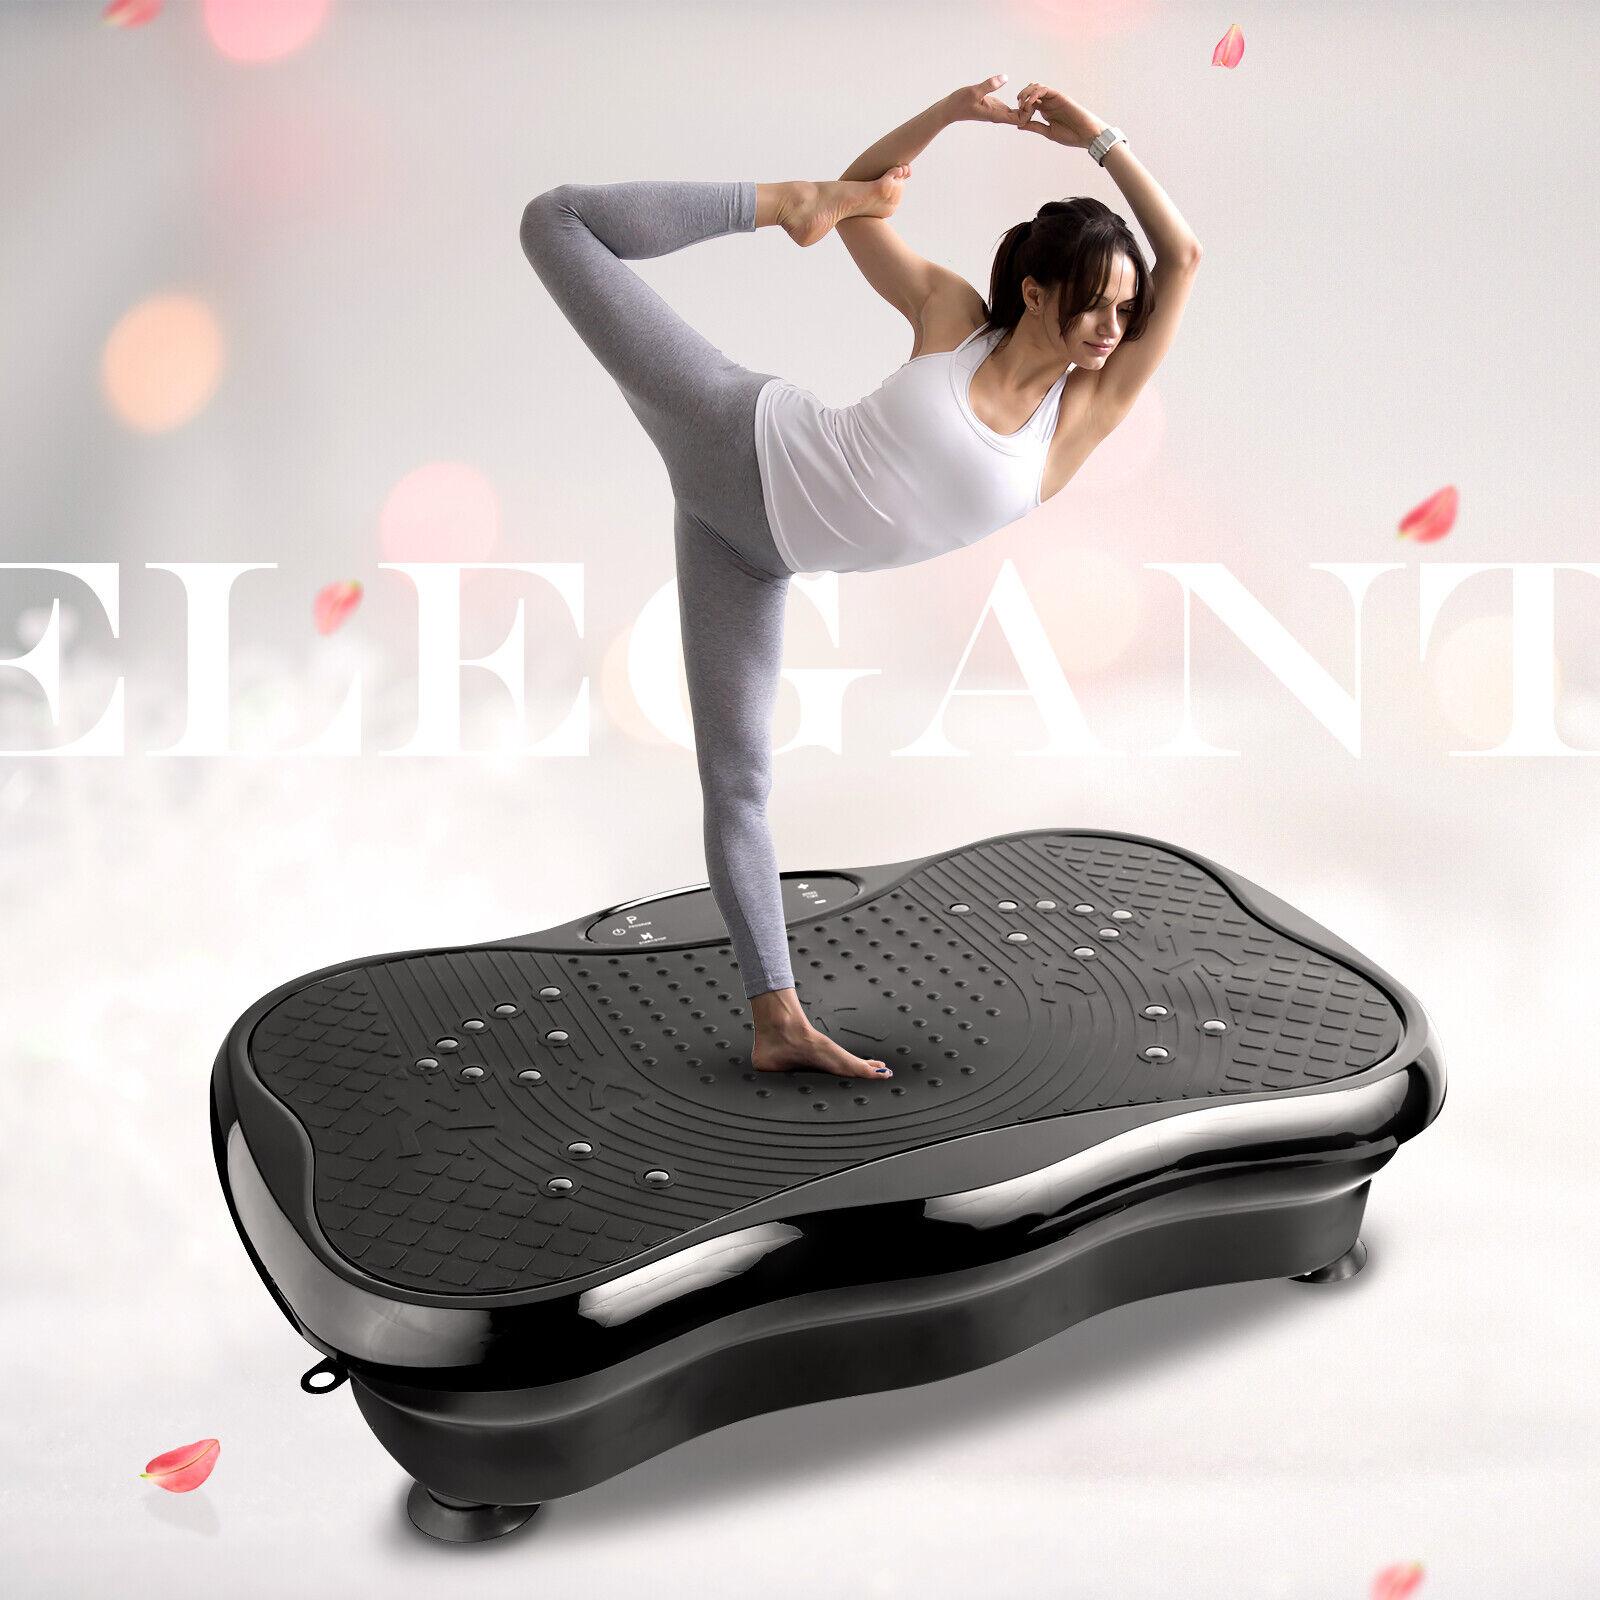 3D Vibrationsplatte Fitness Fläche Ganzkörper Trainingsgerät rutschfest LCD 200W